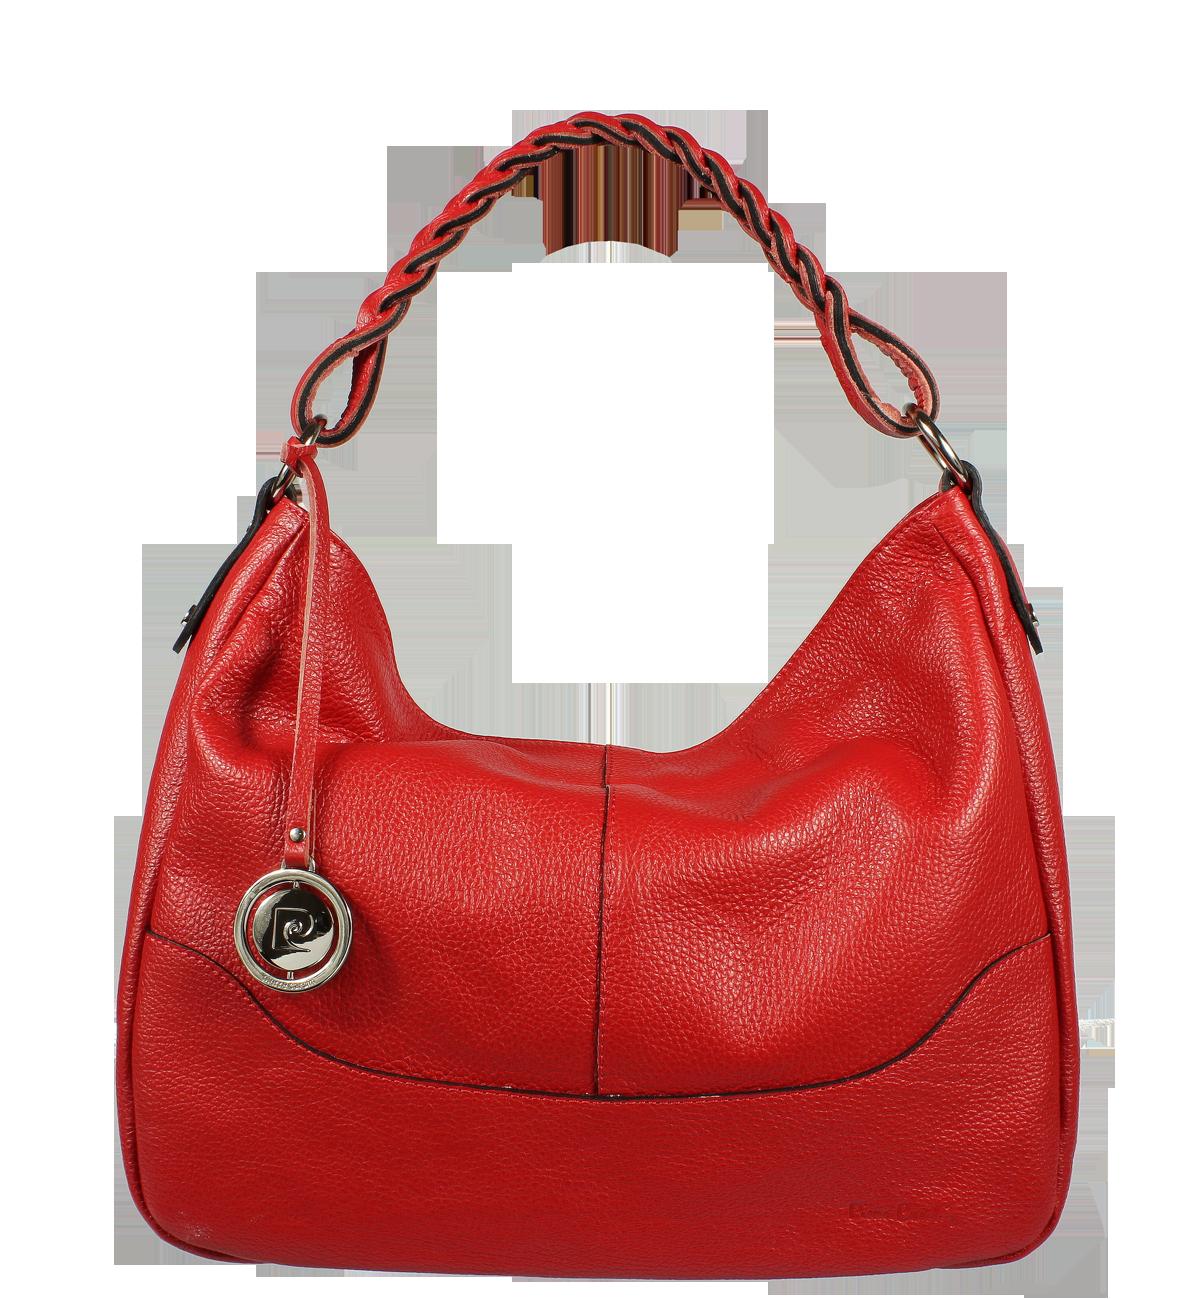 Červená kabelka Pierre Cardin 5320 Dollaro Rosso Červená kabelka Pierre Cardin 5320 Dollaro Rosso